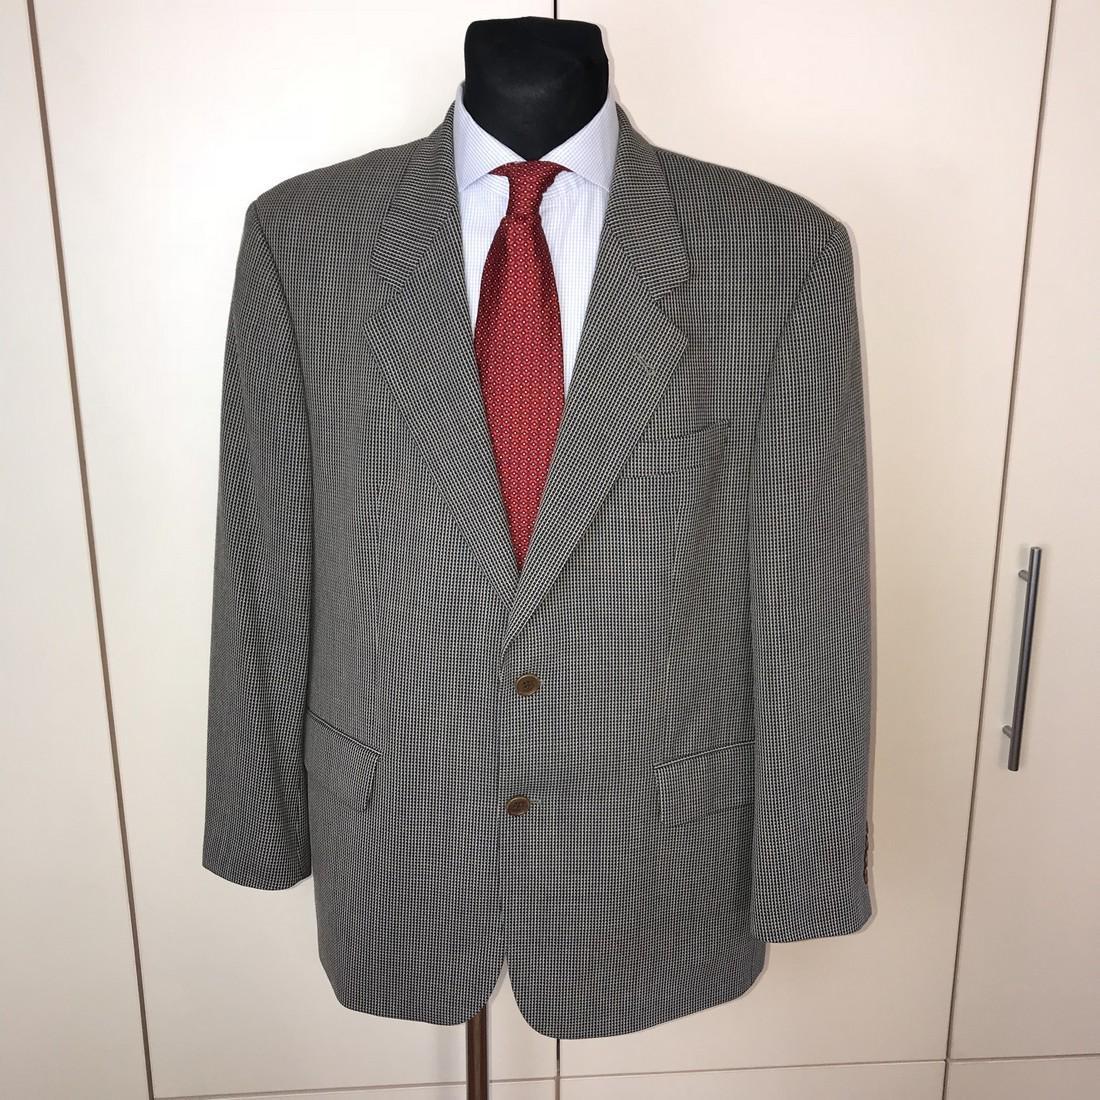 Men's HUGO BOSS Blazer Size 44 Short US/UK or 54 Short